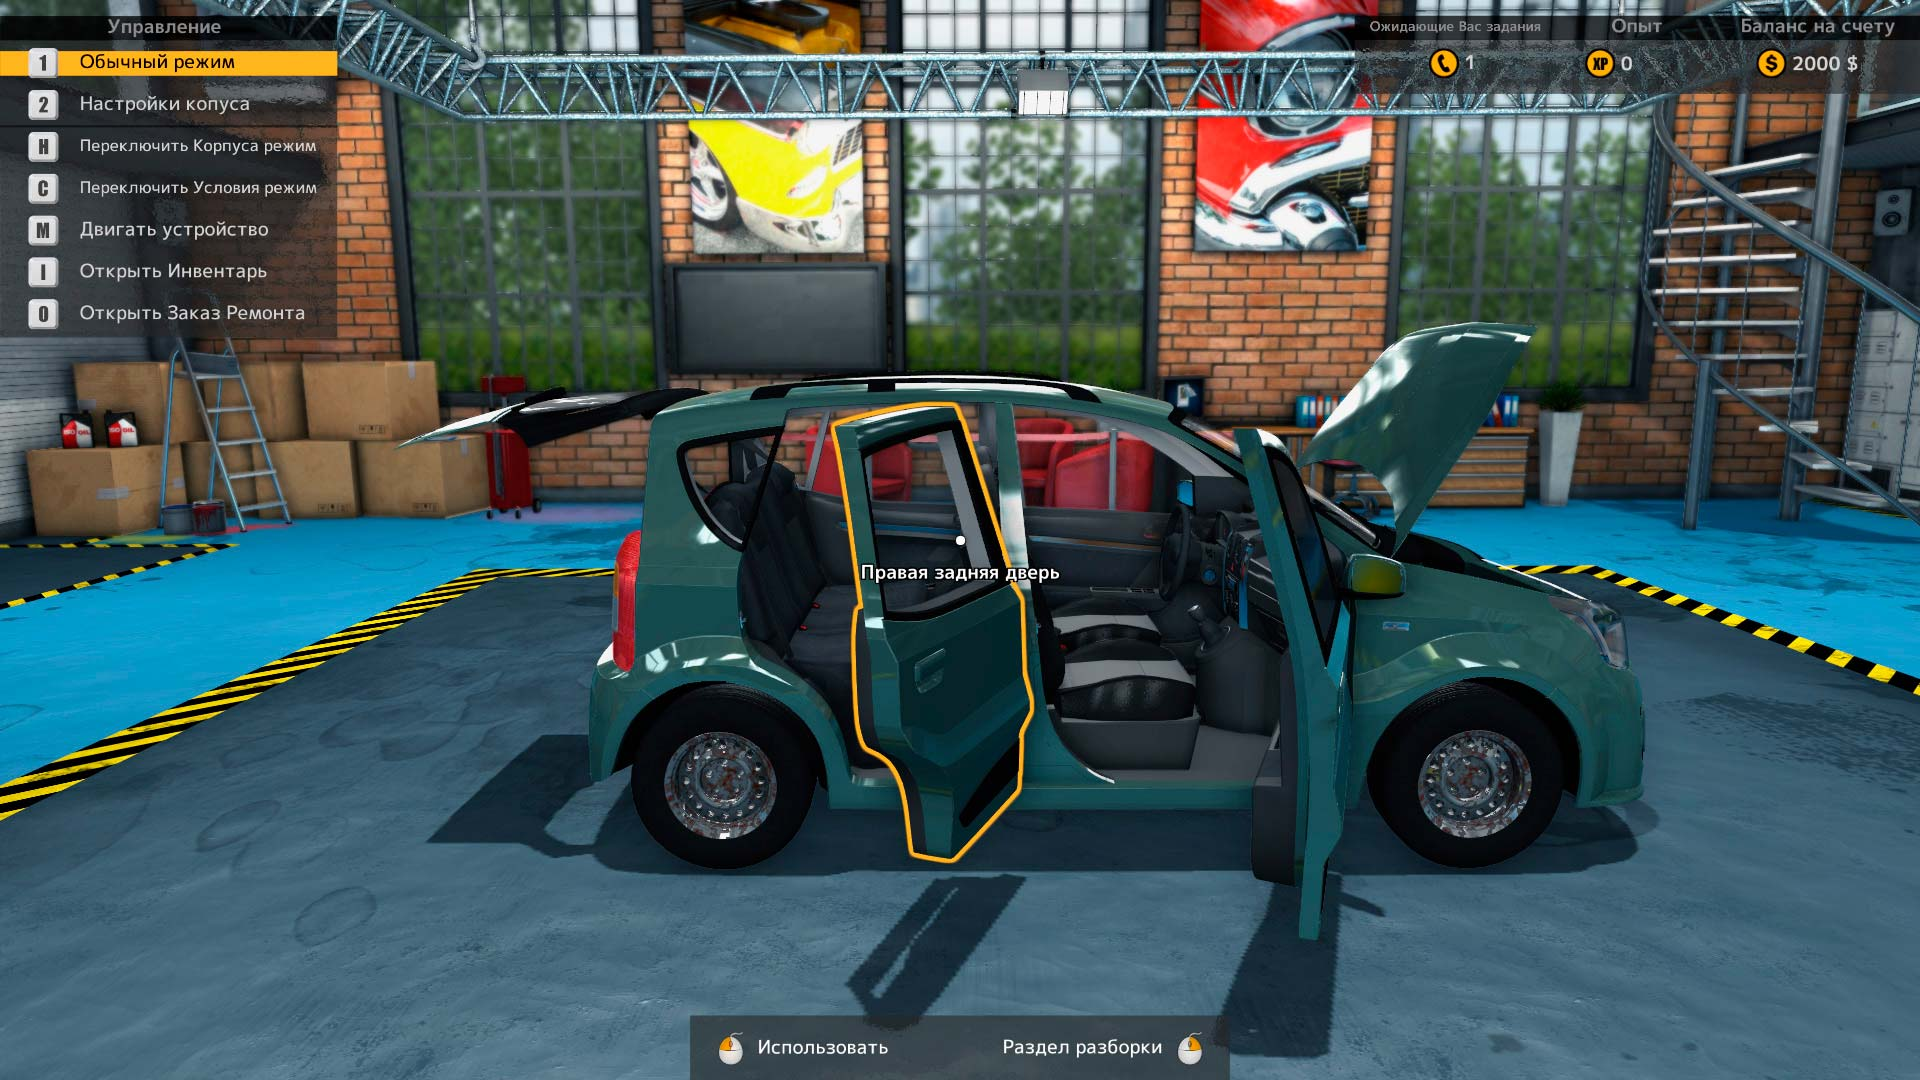 Игра симулятор внедорожного вождения скачать торрент